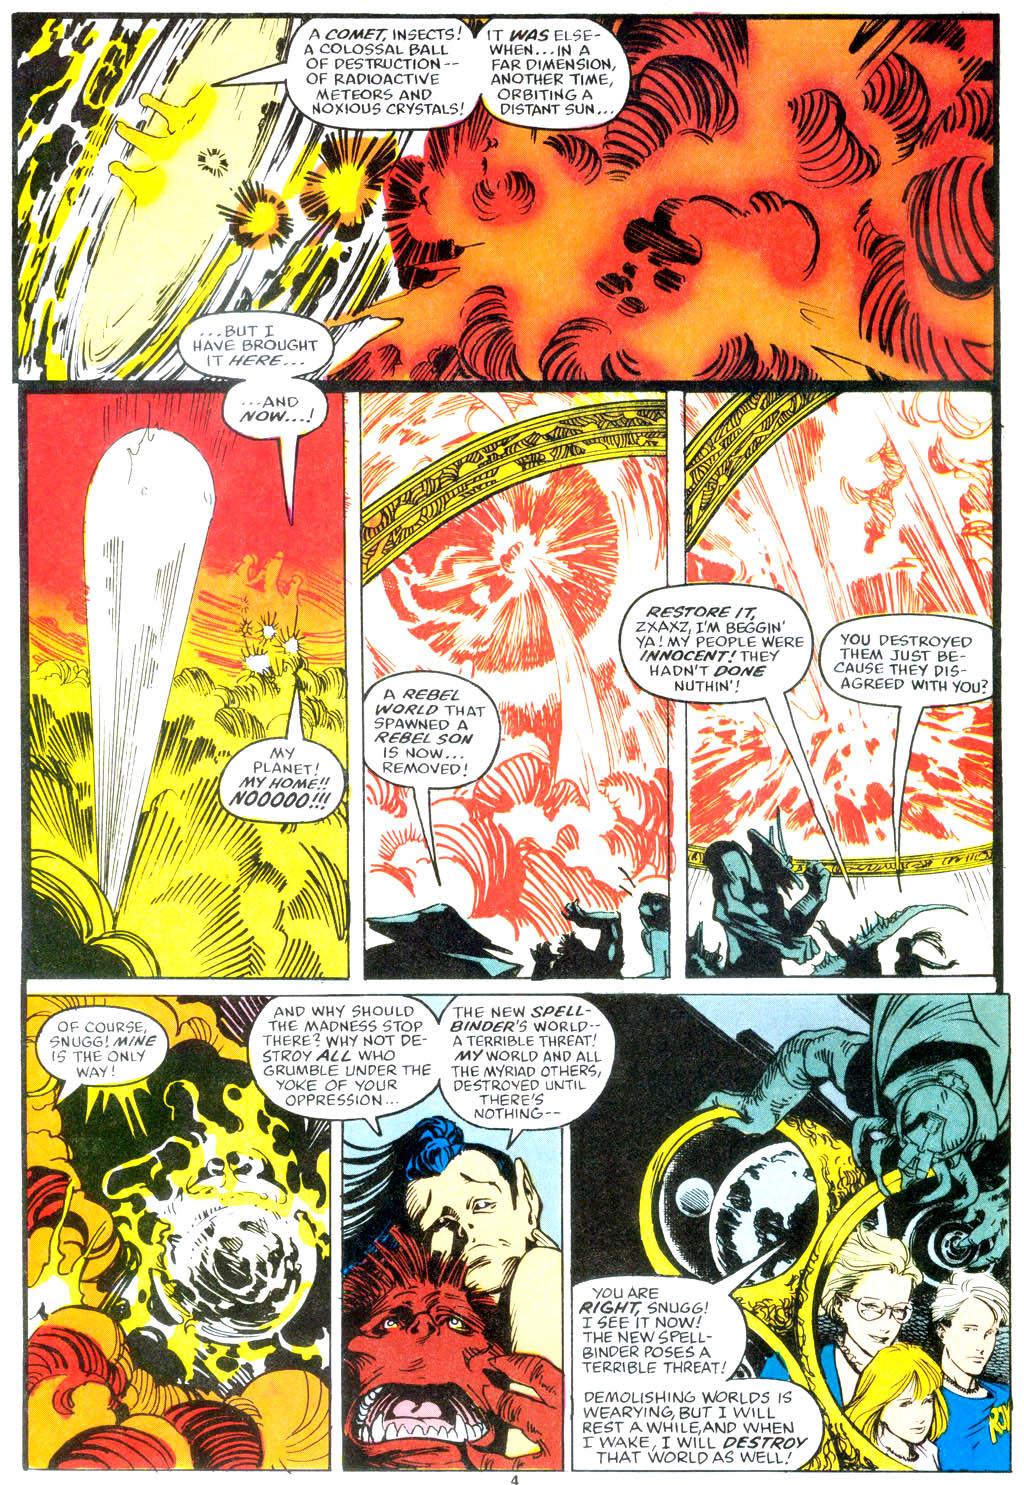 Spellbound (1988) issue 1 - Page 5